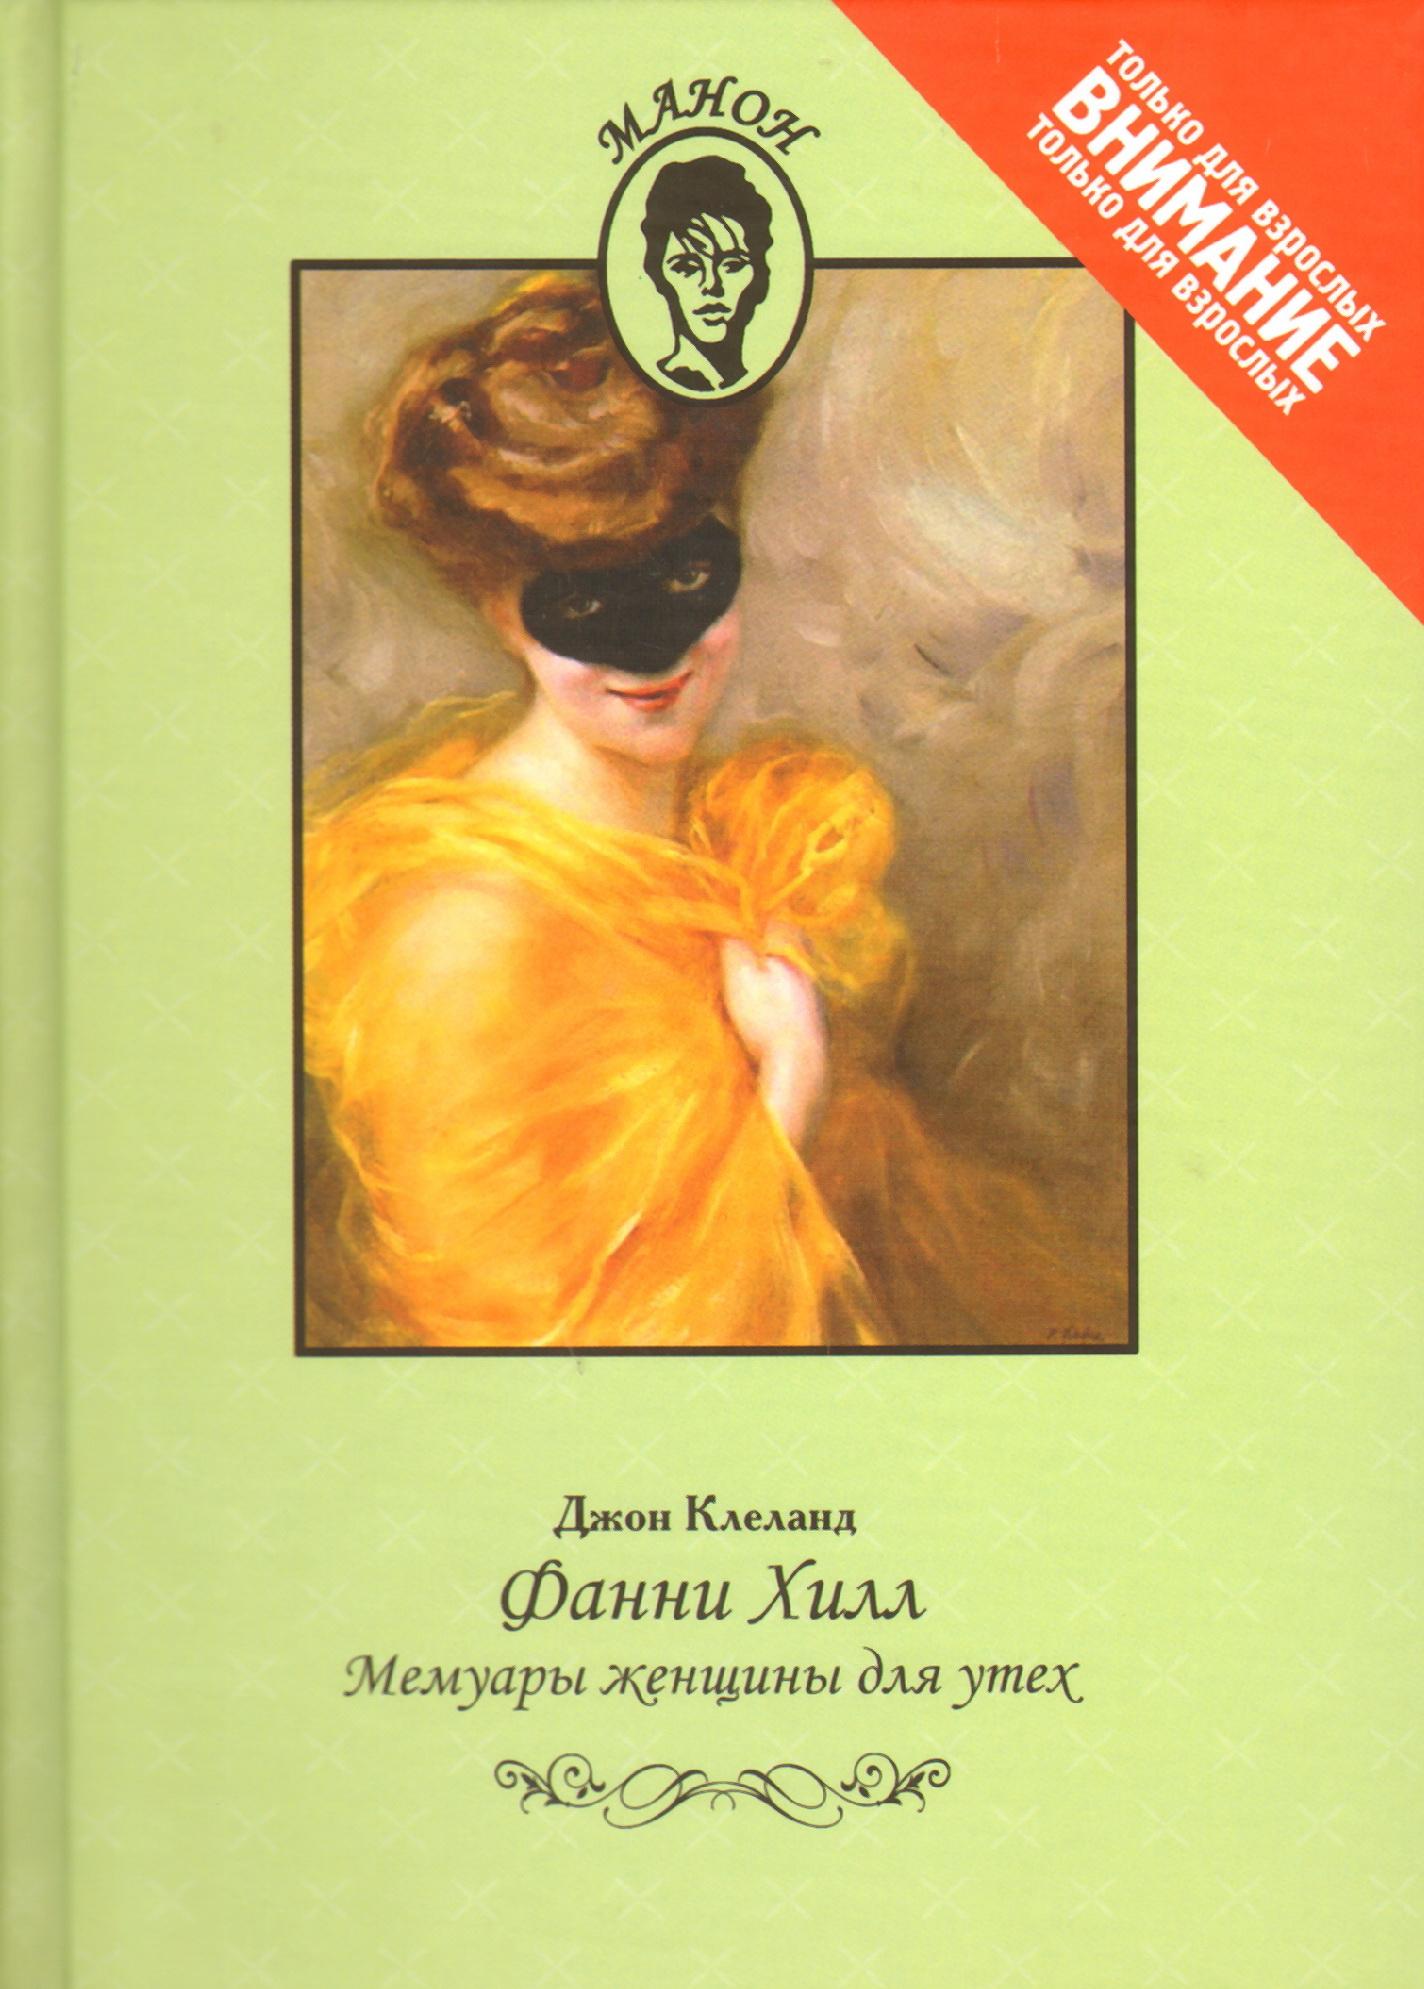 книга польского писателя о девушке проститутке